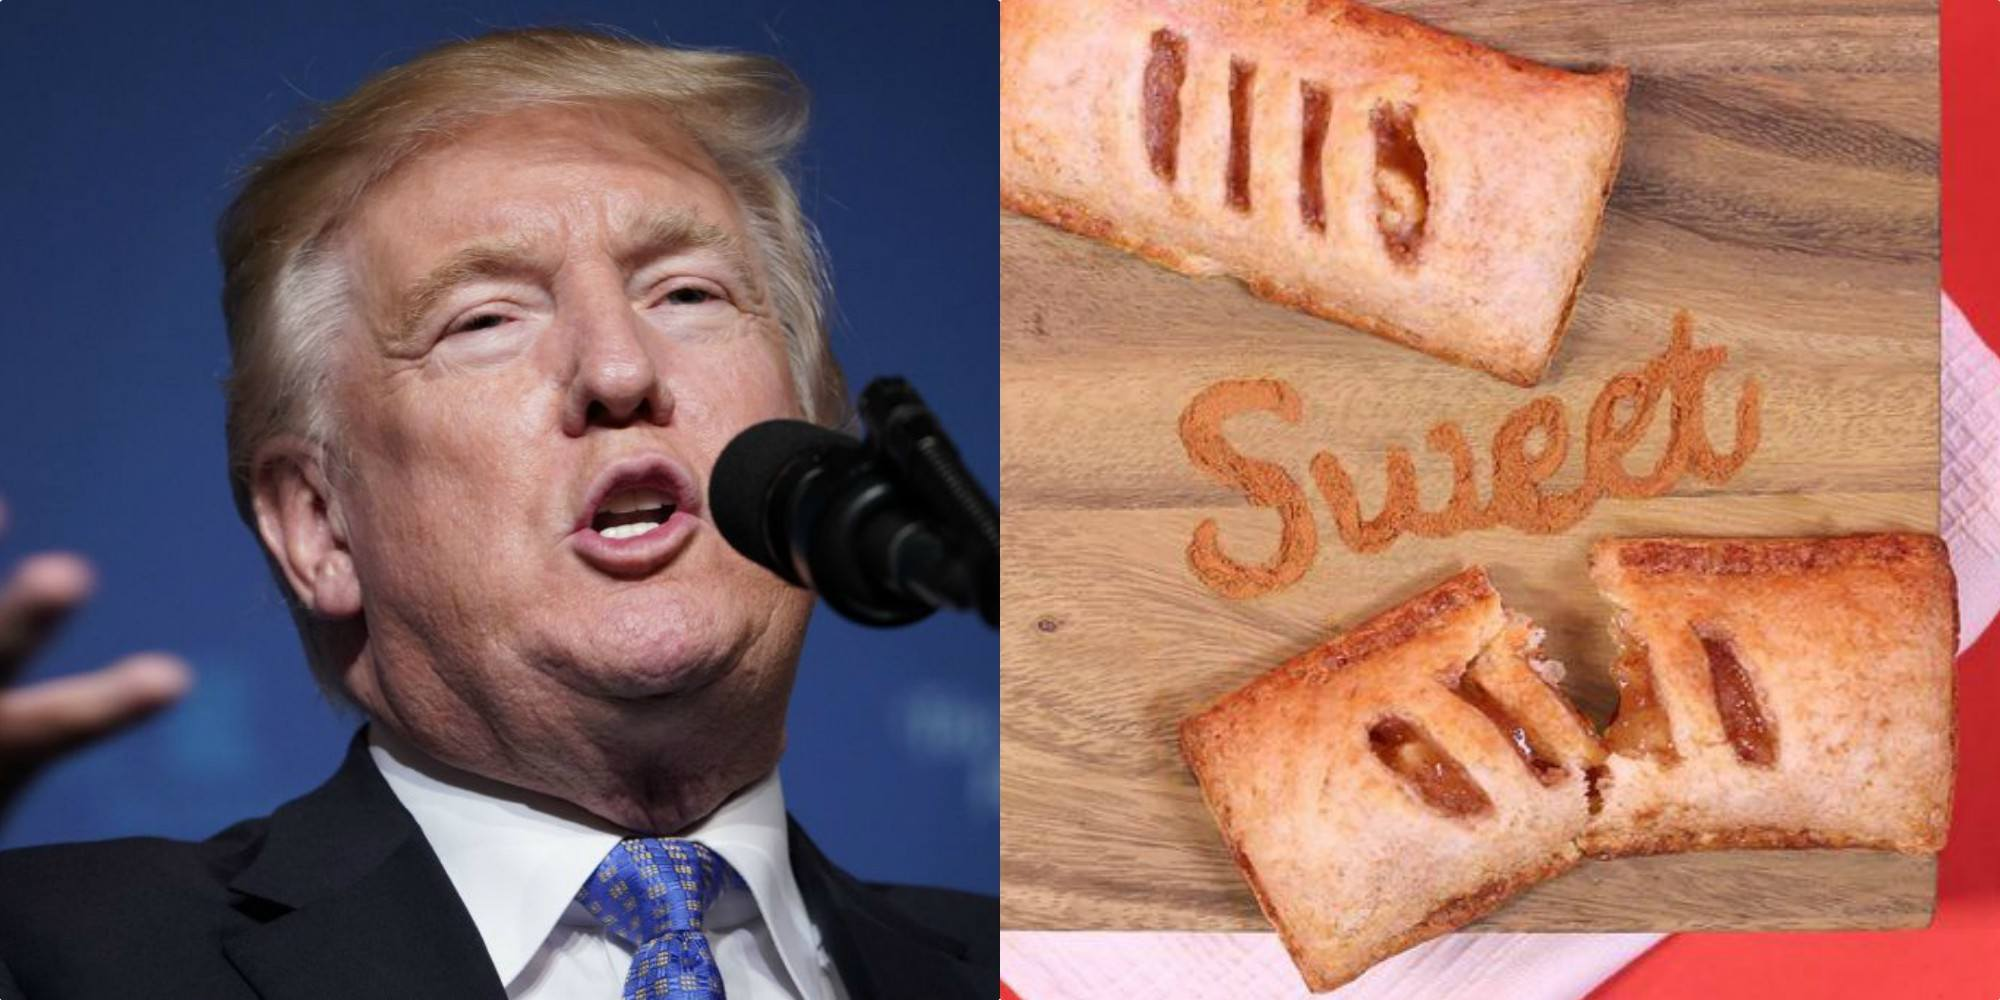 Trump Mcdonalds Pie